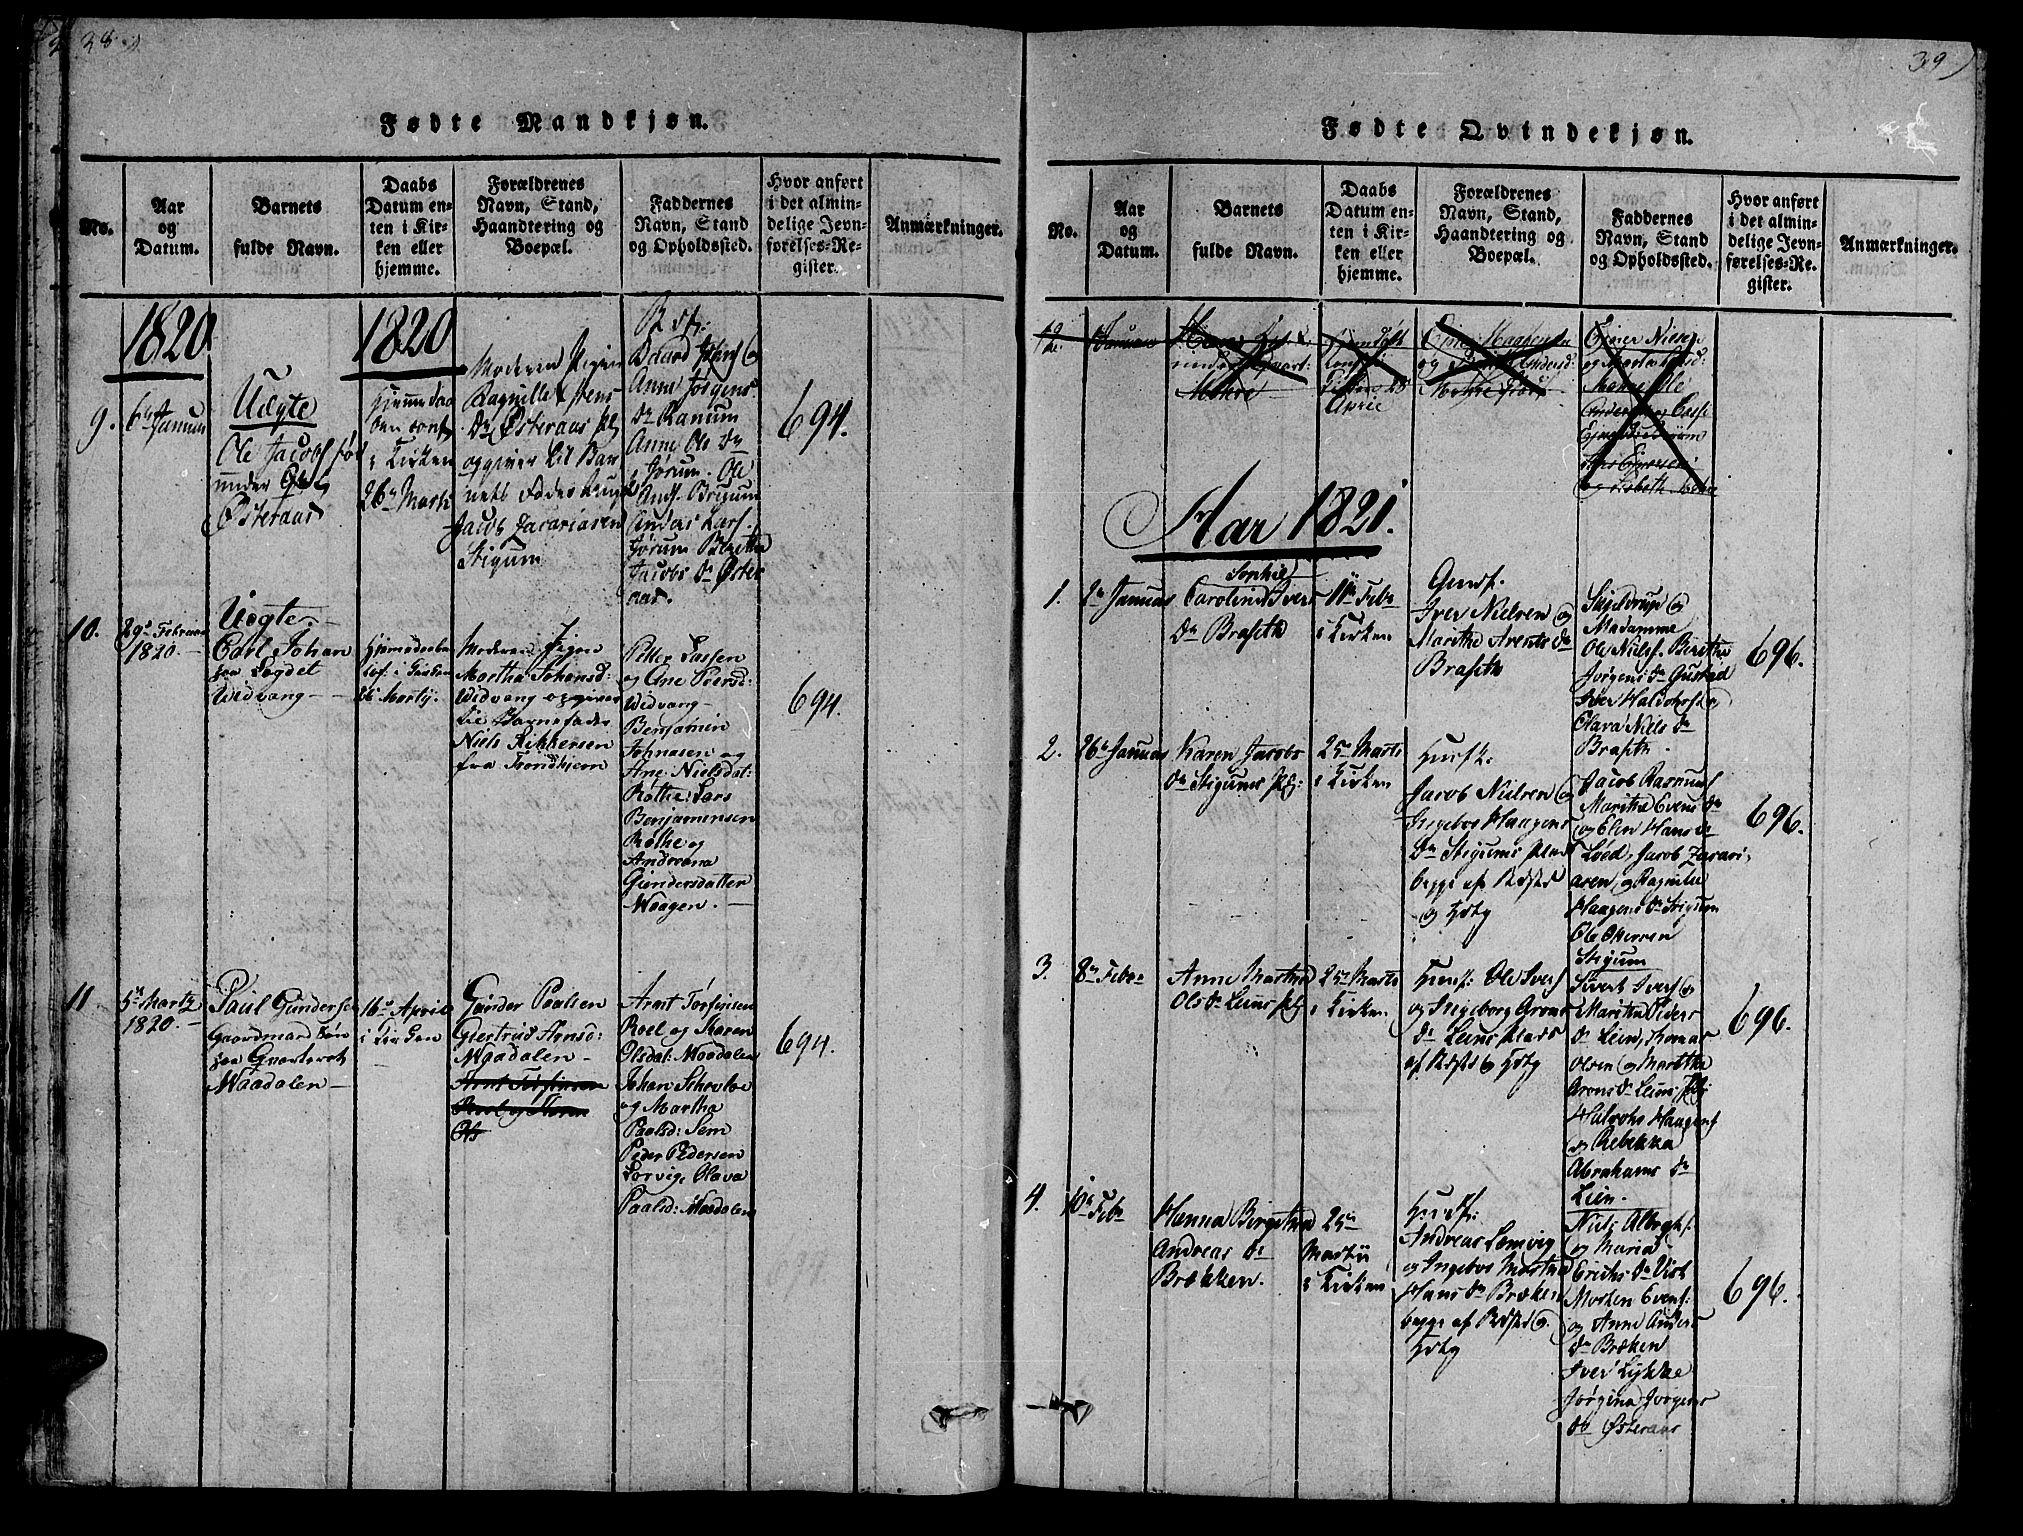 SAT, Ministerialprotokoller, klokkerbøker og fødselsregistre - Nord-Trøndelag, 735/L0333: Ministerialbok nr. 735A04 /1, 1816-1824, s. 38-39